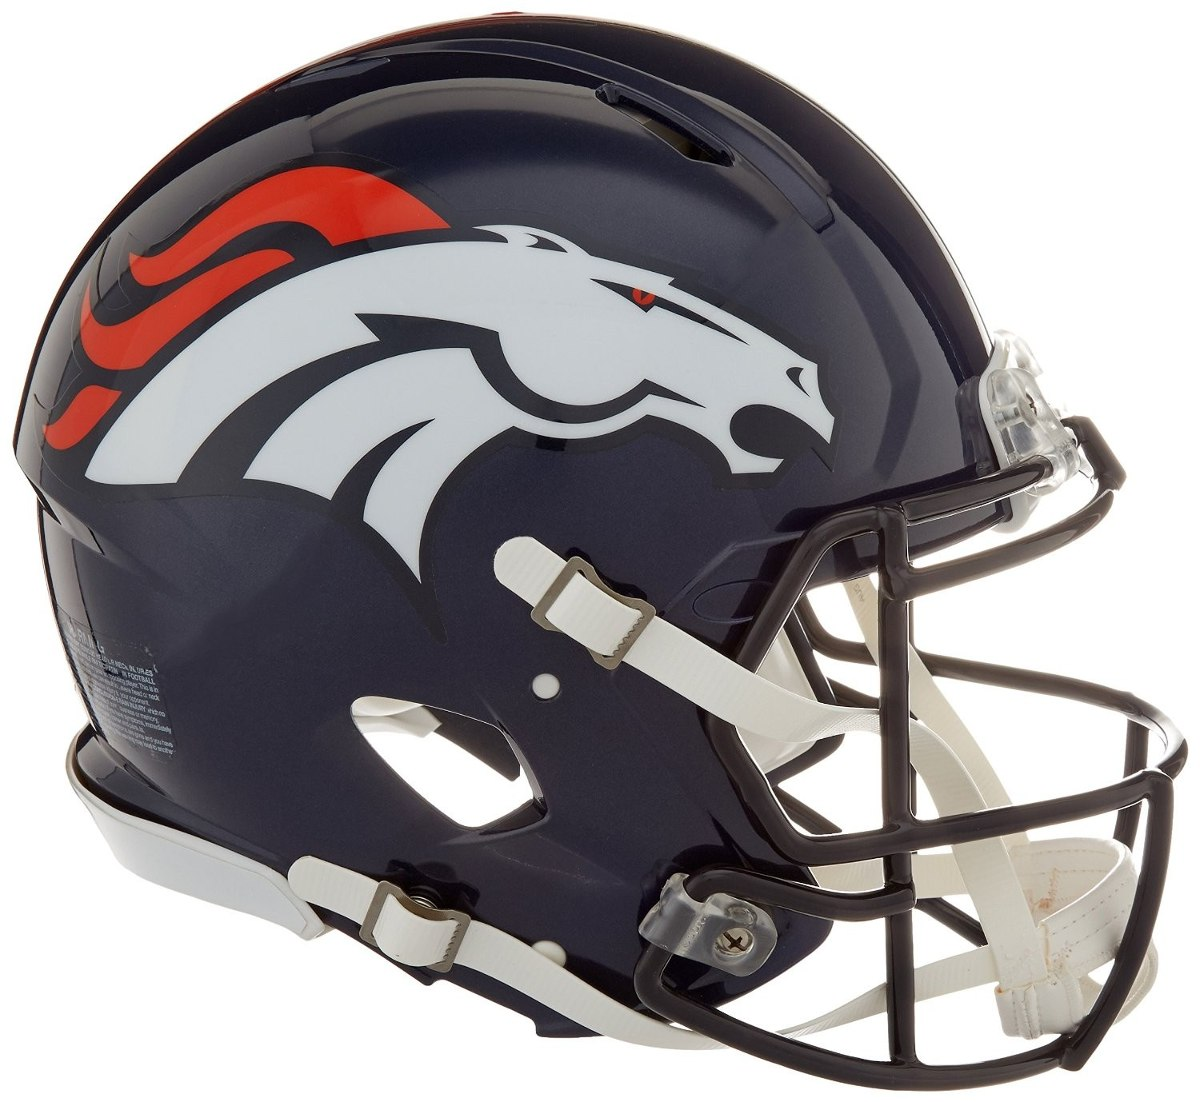 Nfl Denver Broncos Speed Auténtico Casco De Fútbol Americano ... 6a6b02d03a3